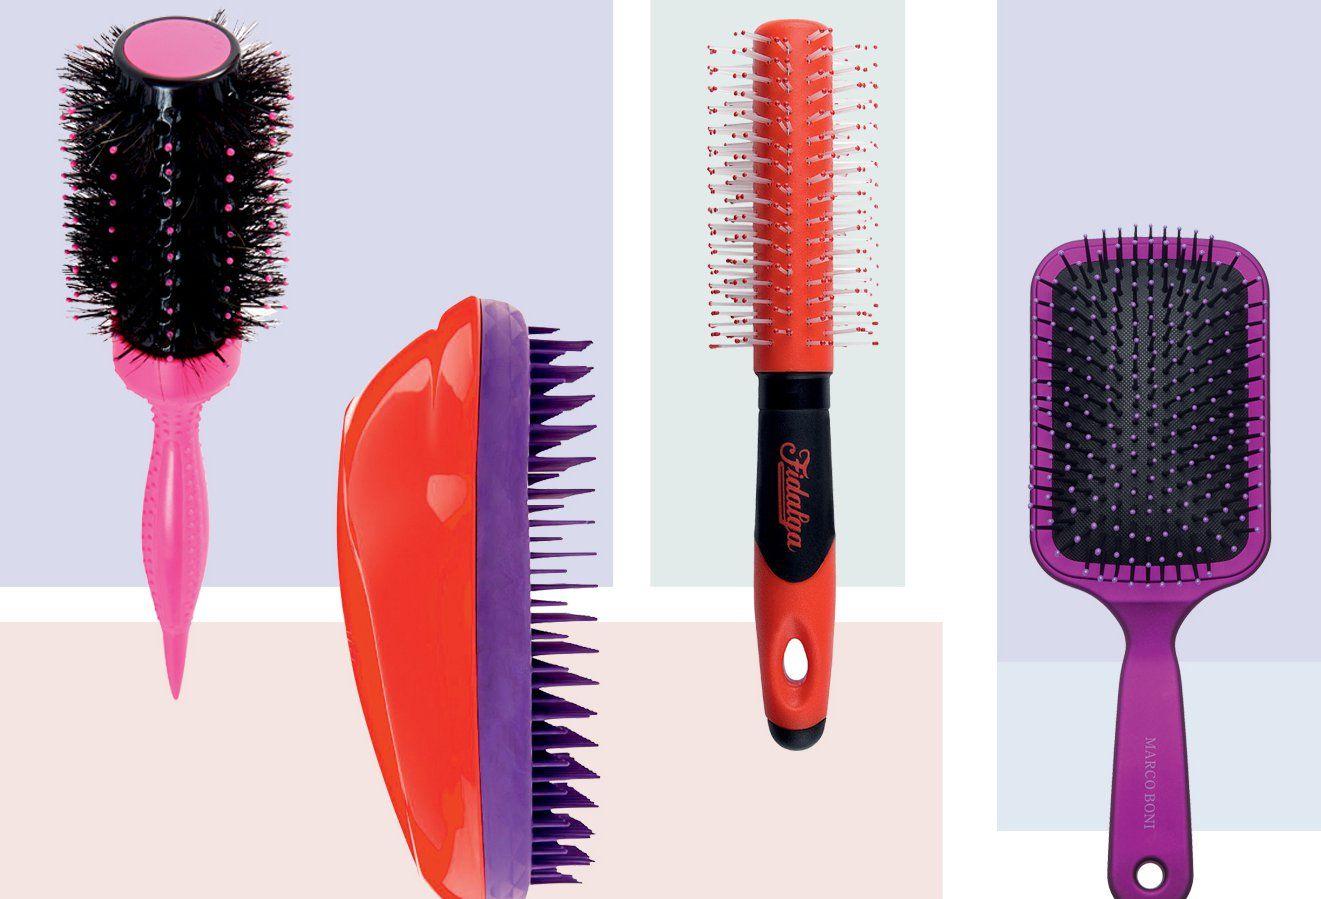 As escovas de cabelo ideais para pentear cabelos lisos e crespos